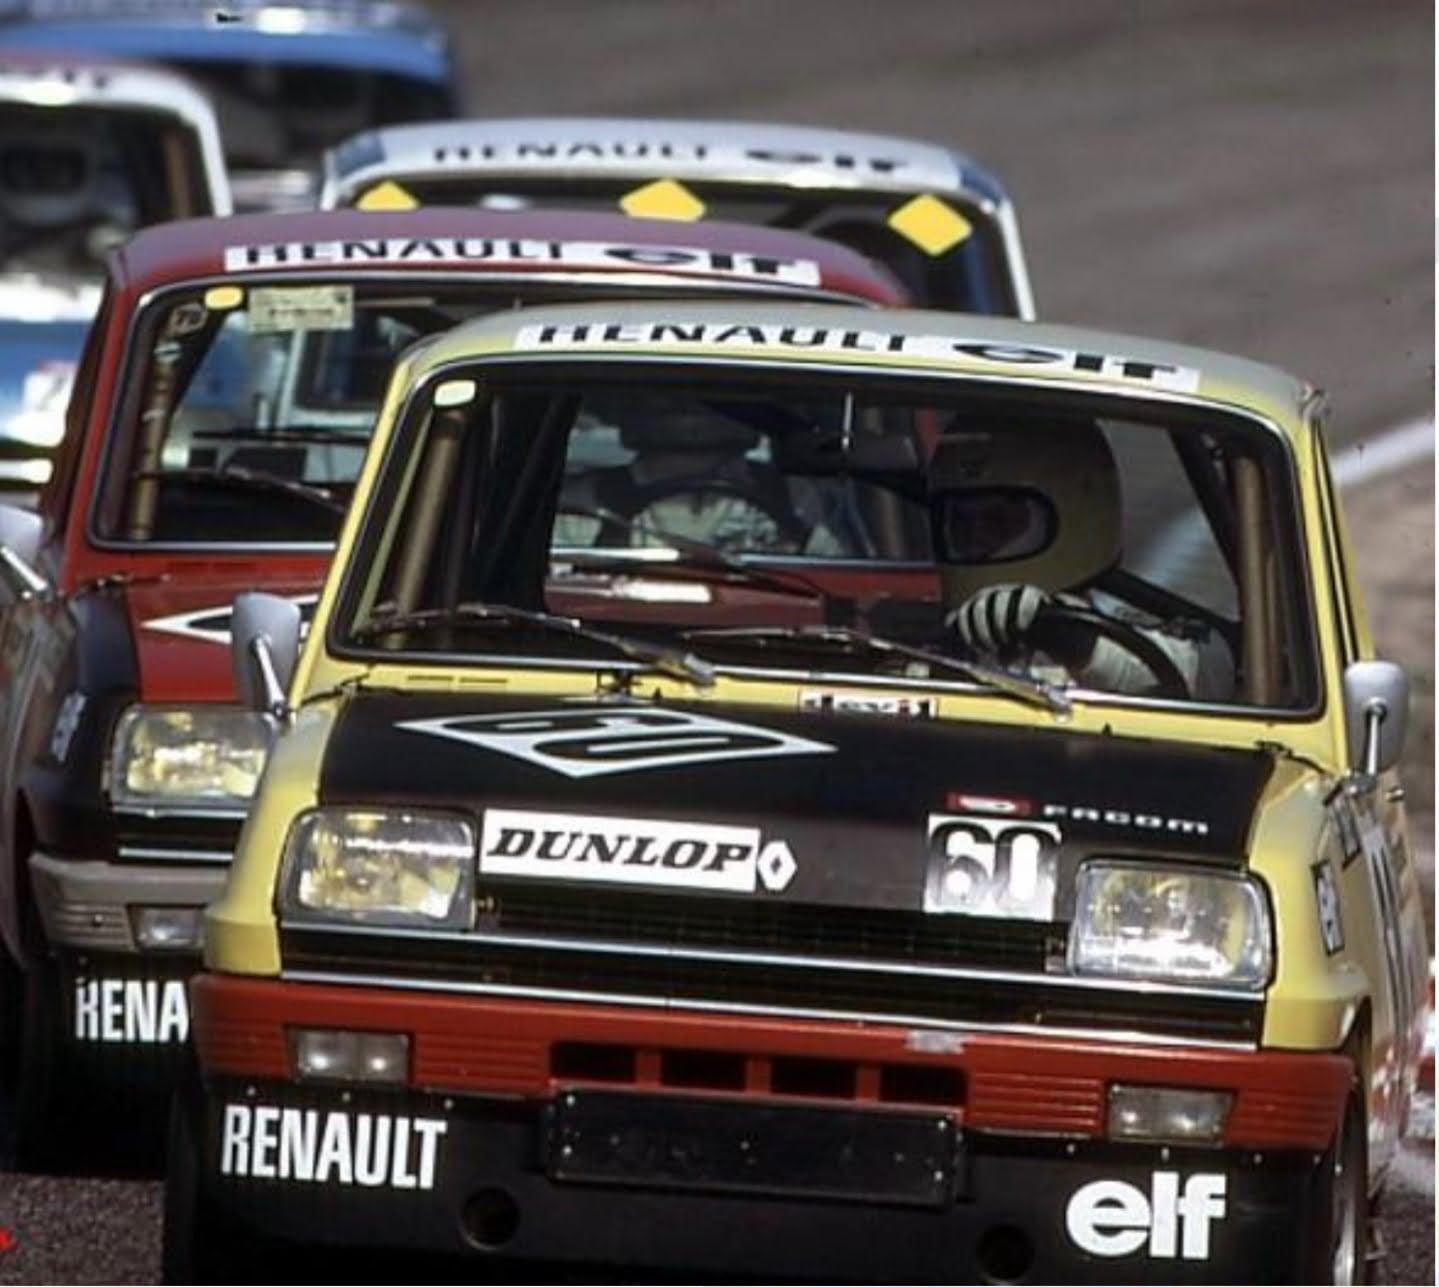 24894EB3 8D60 401F A2FE 4B77DC2C992C | La Renault 5 Alpine : j'irai cracher sur vos GTI.